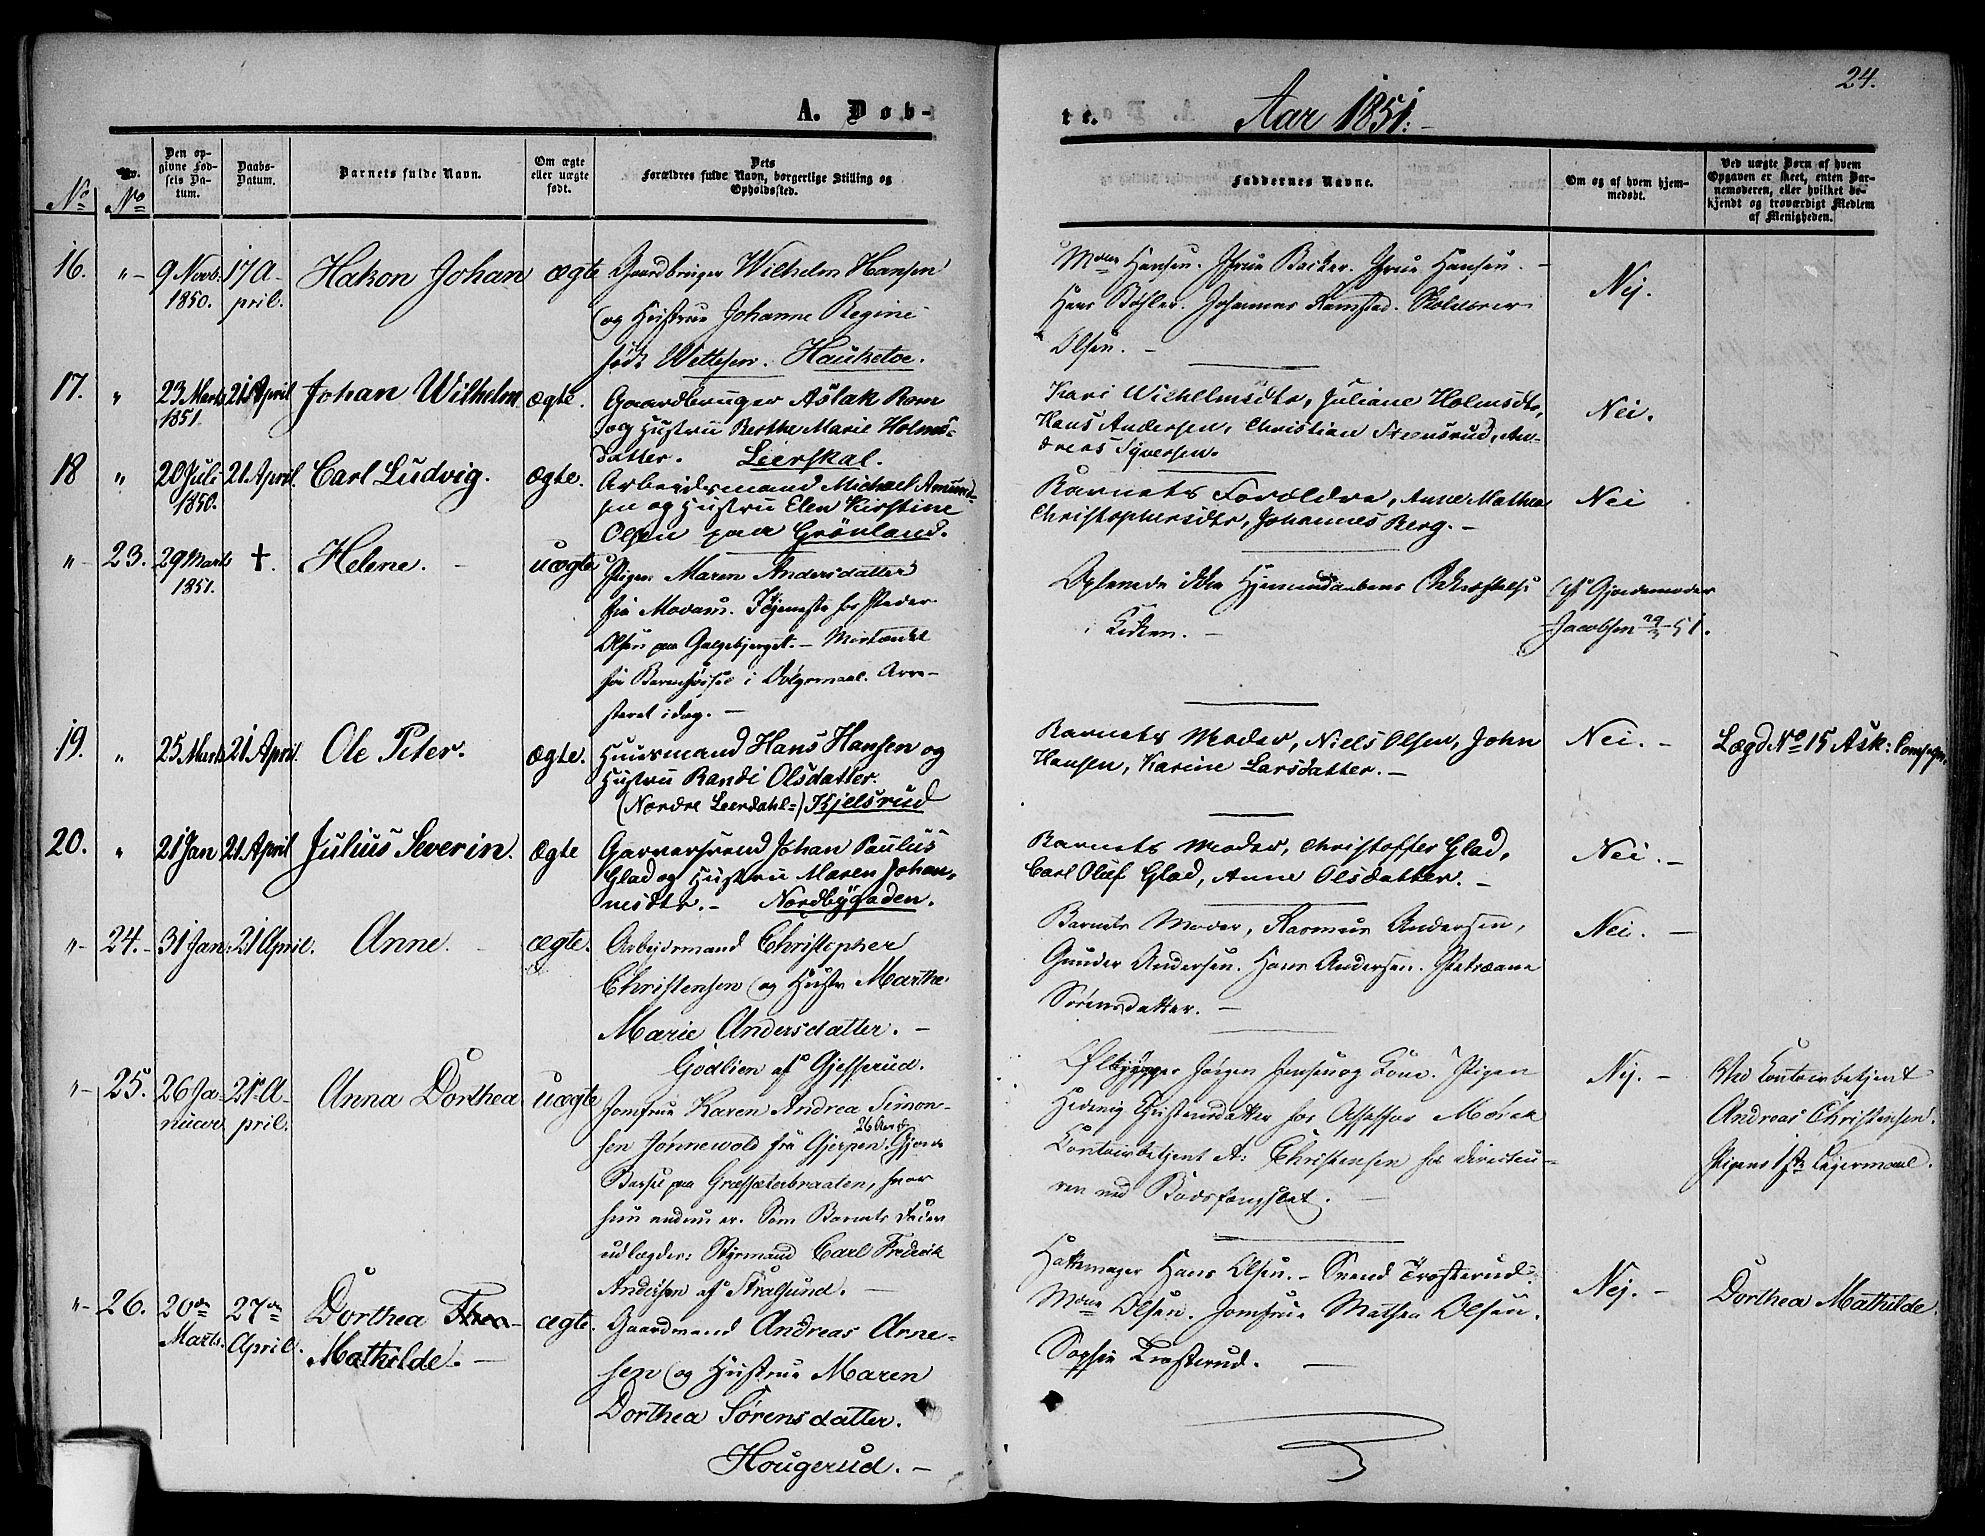 SAO, Gamlebyen prestekontor Kirkebøker, F/Fa/L0004: Ministerialbok nr. 4, 1850-1857, s. 24